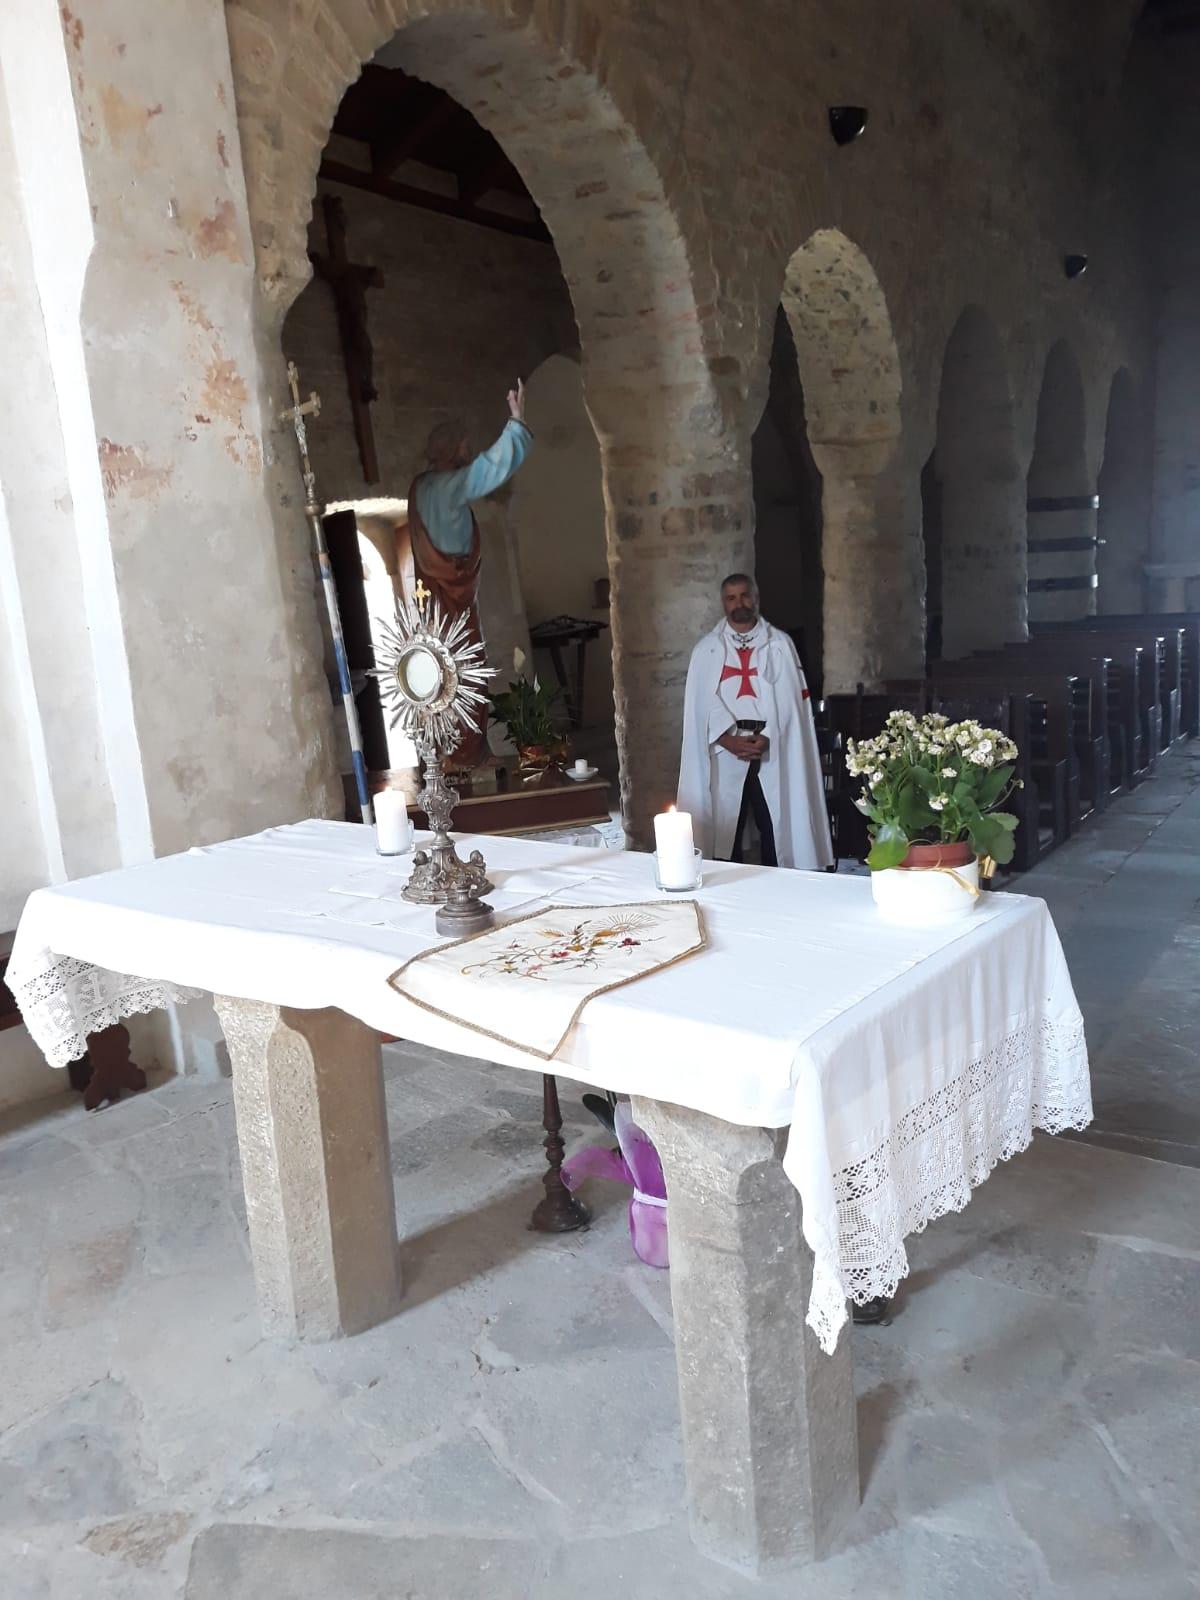 Adorazione Eucaristica alla Pieve di Tizzano, Pieve di Badia Cavana e Santa Messa a Tizzano